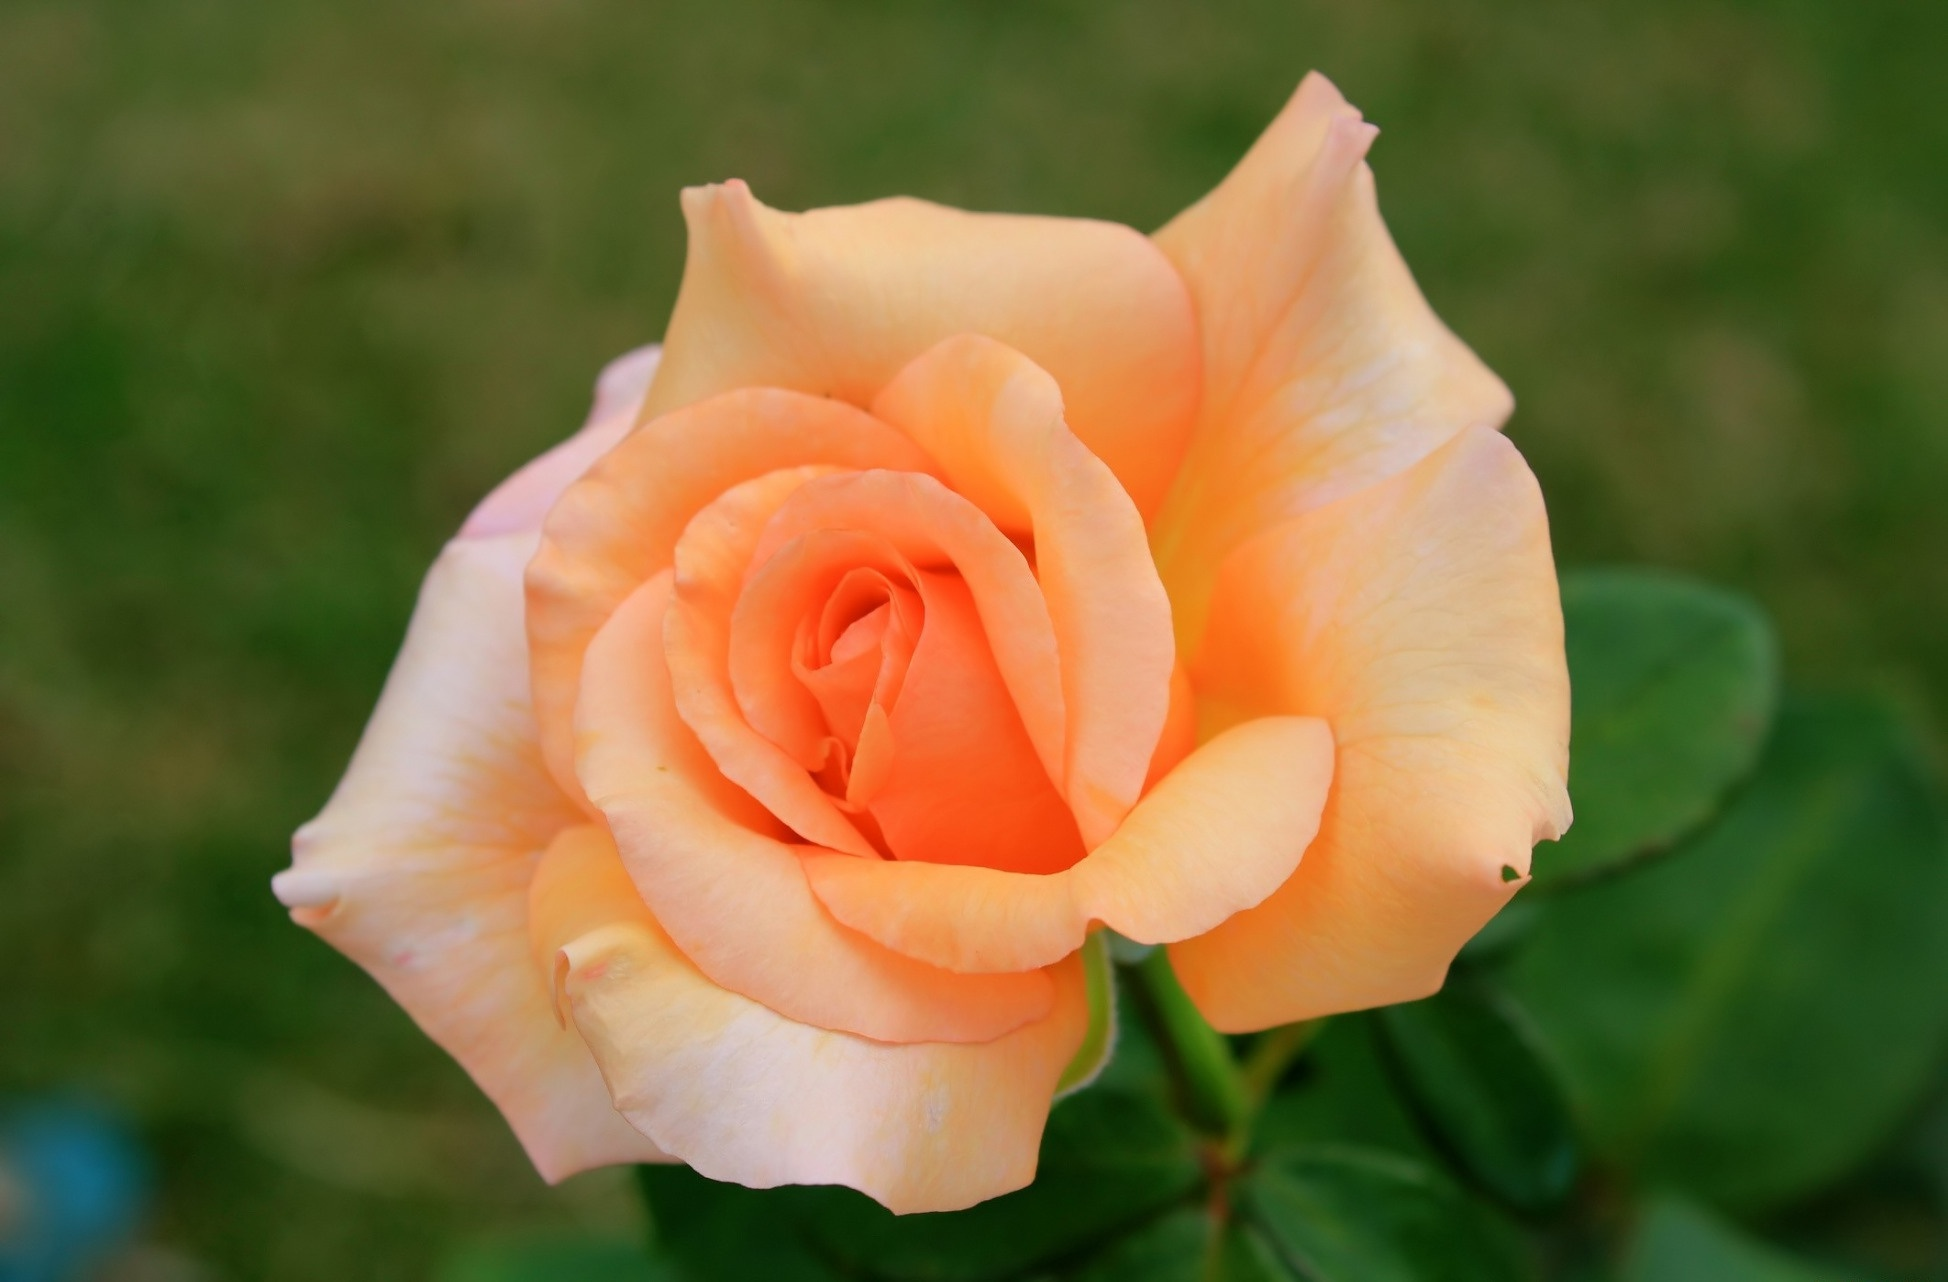 красивая картинка цветов чайная роза временем материал